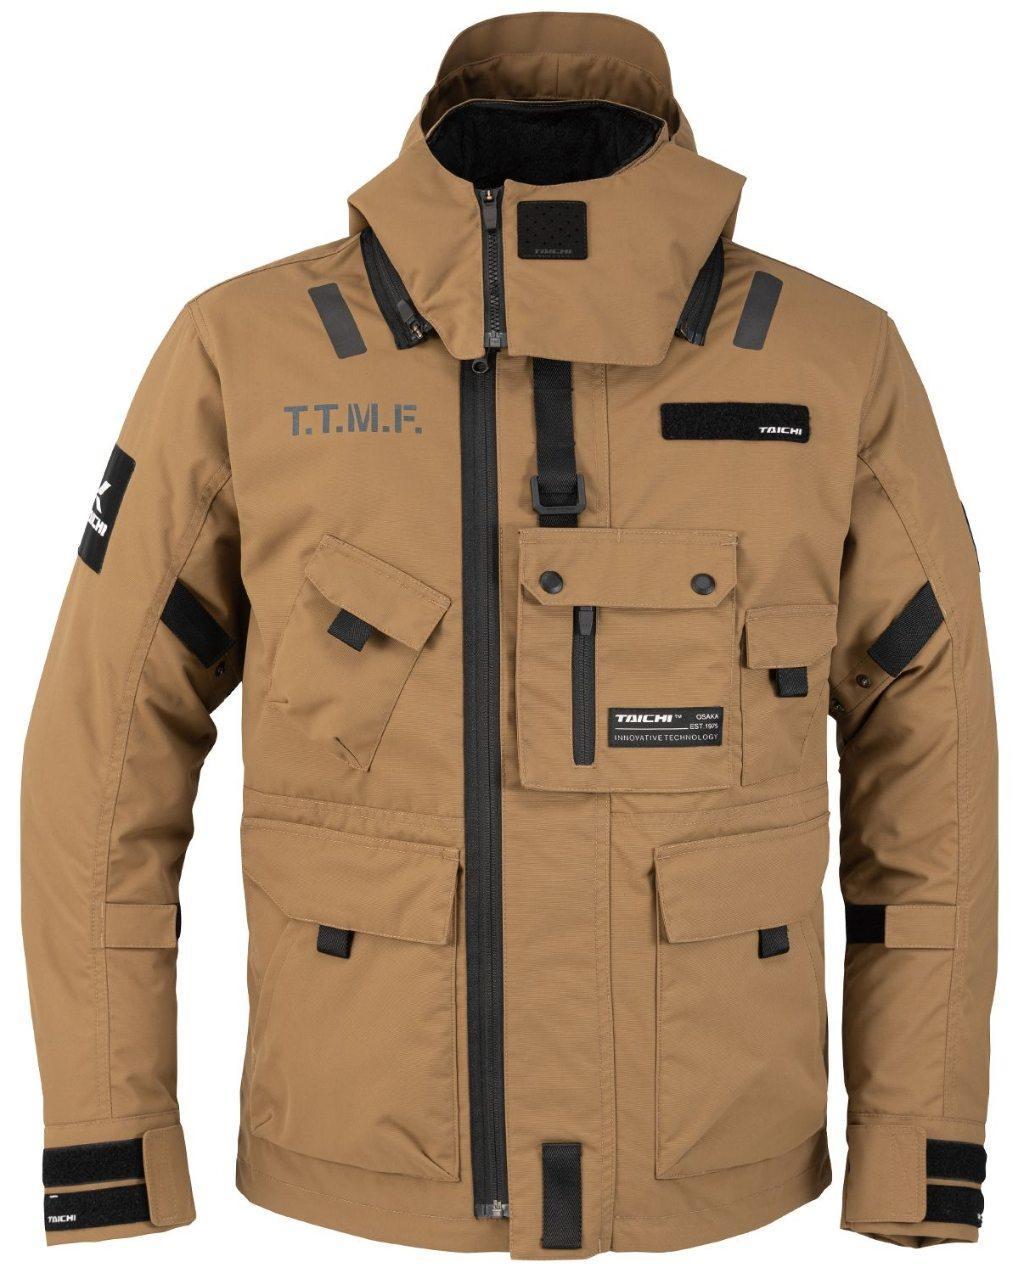 RS TAICHIアールエスタイチ オールシーズンジャケット RSJ726 モンスター アールエスタイチ サイズ:M ショッピング TAICHI 爆買い送料無料 オールシーズンパーカ